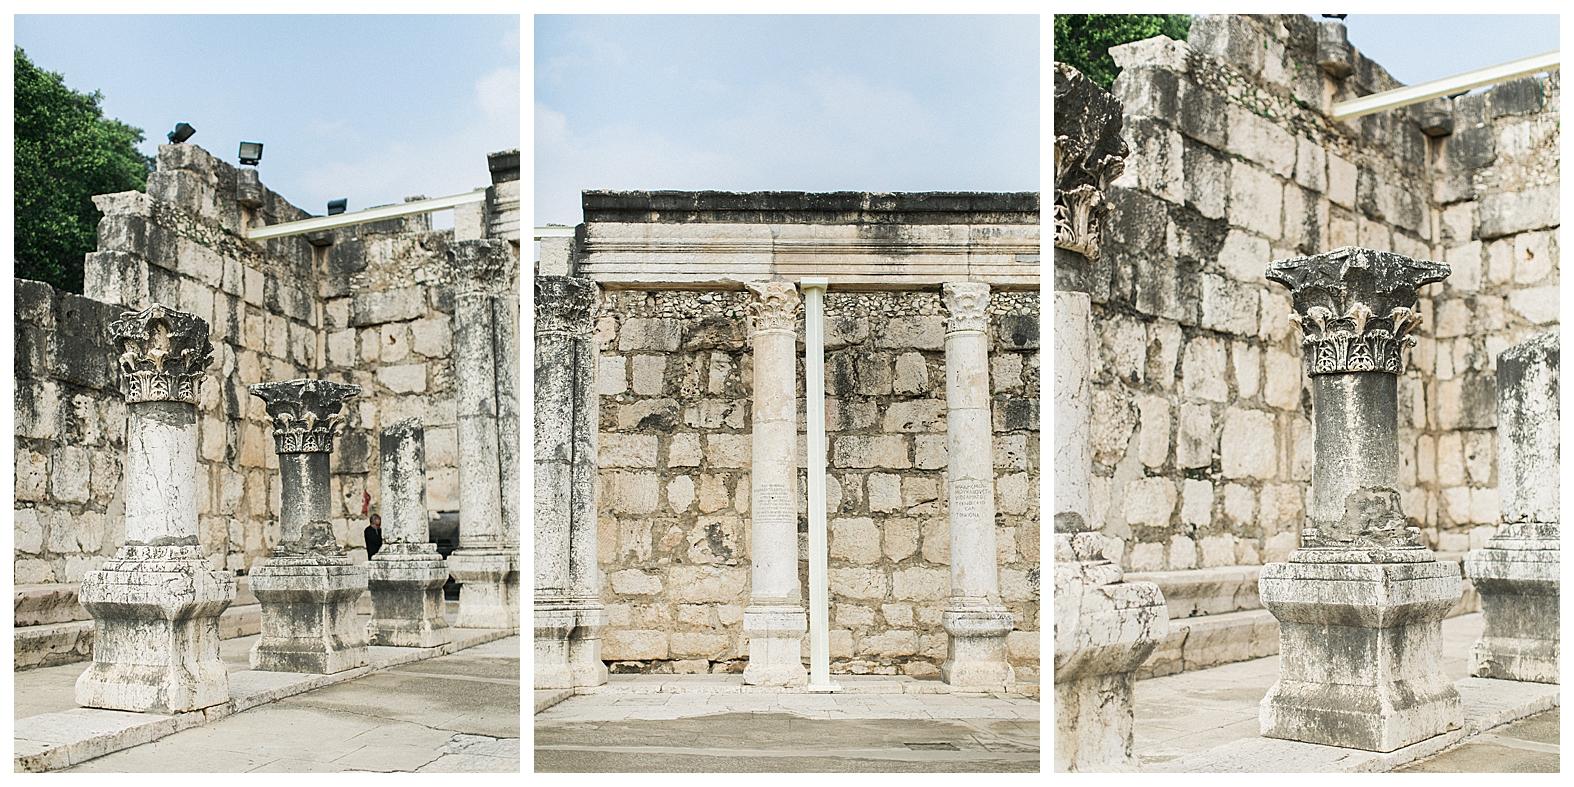 Old Capernaum